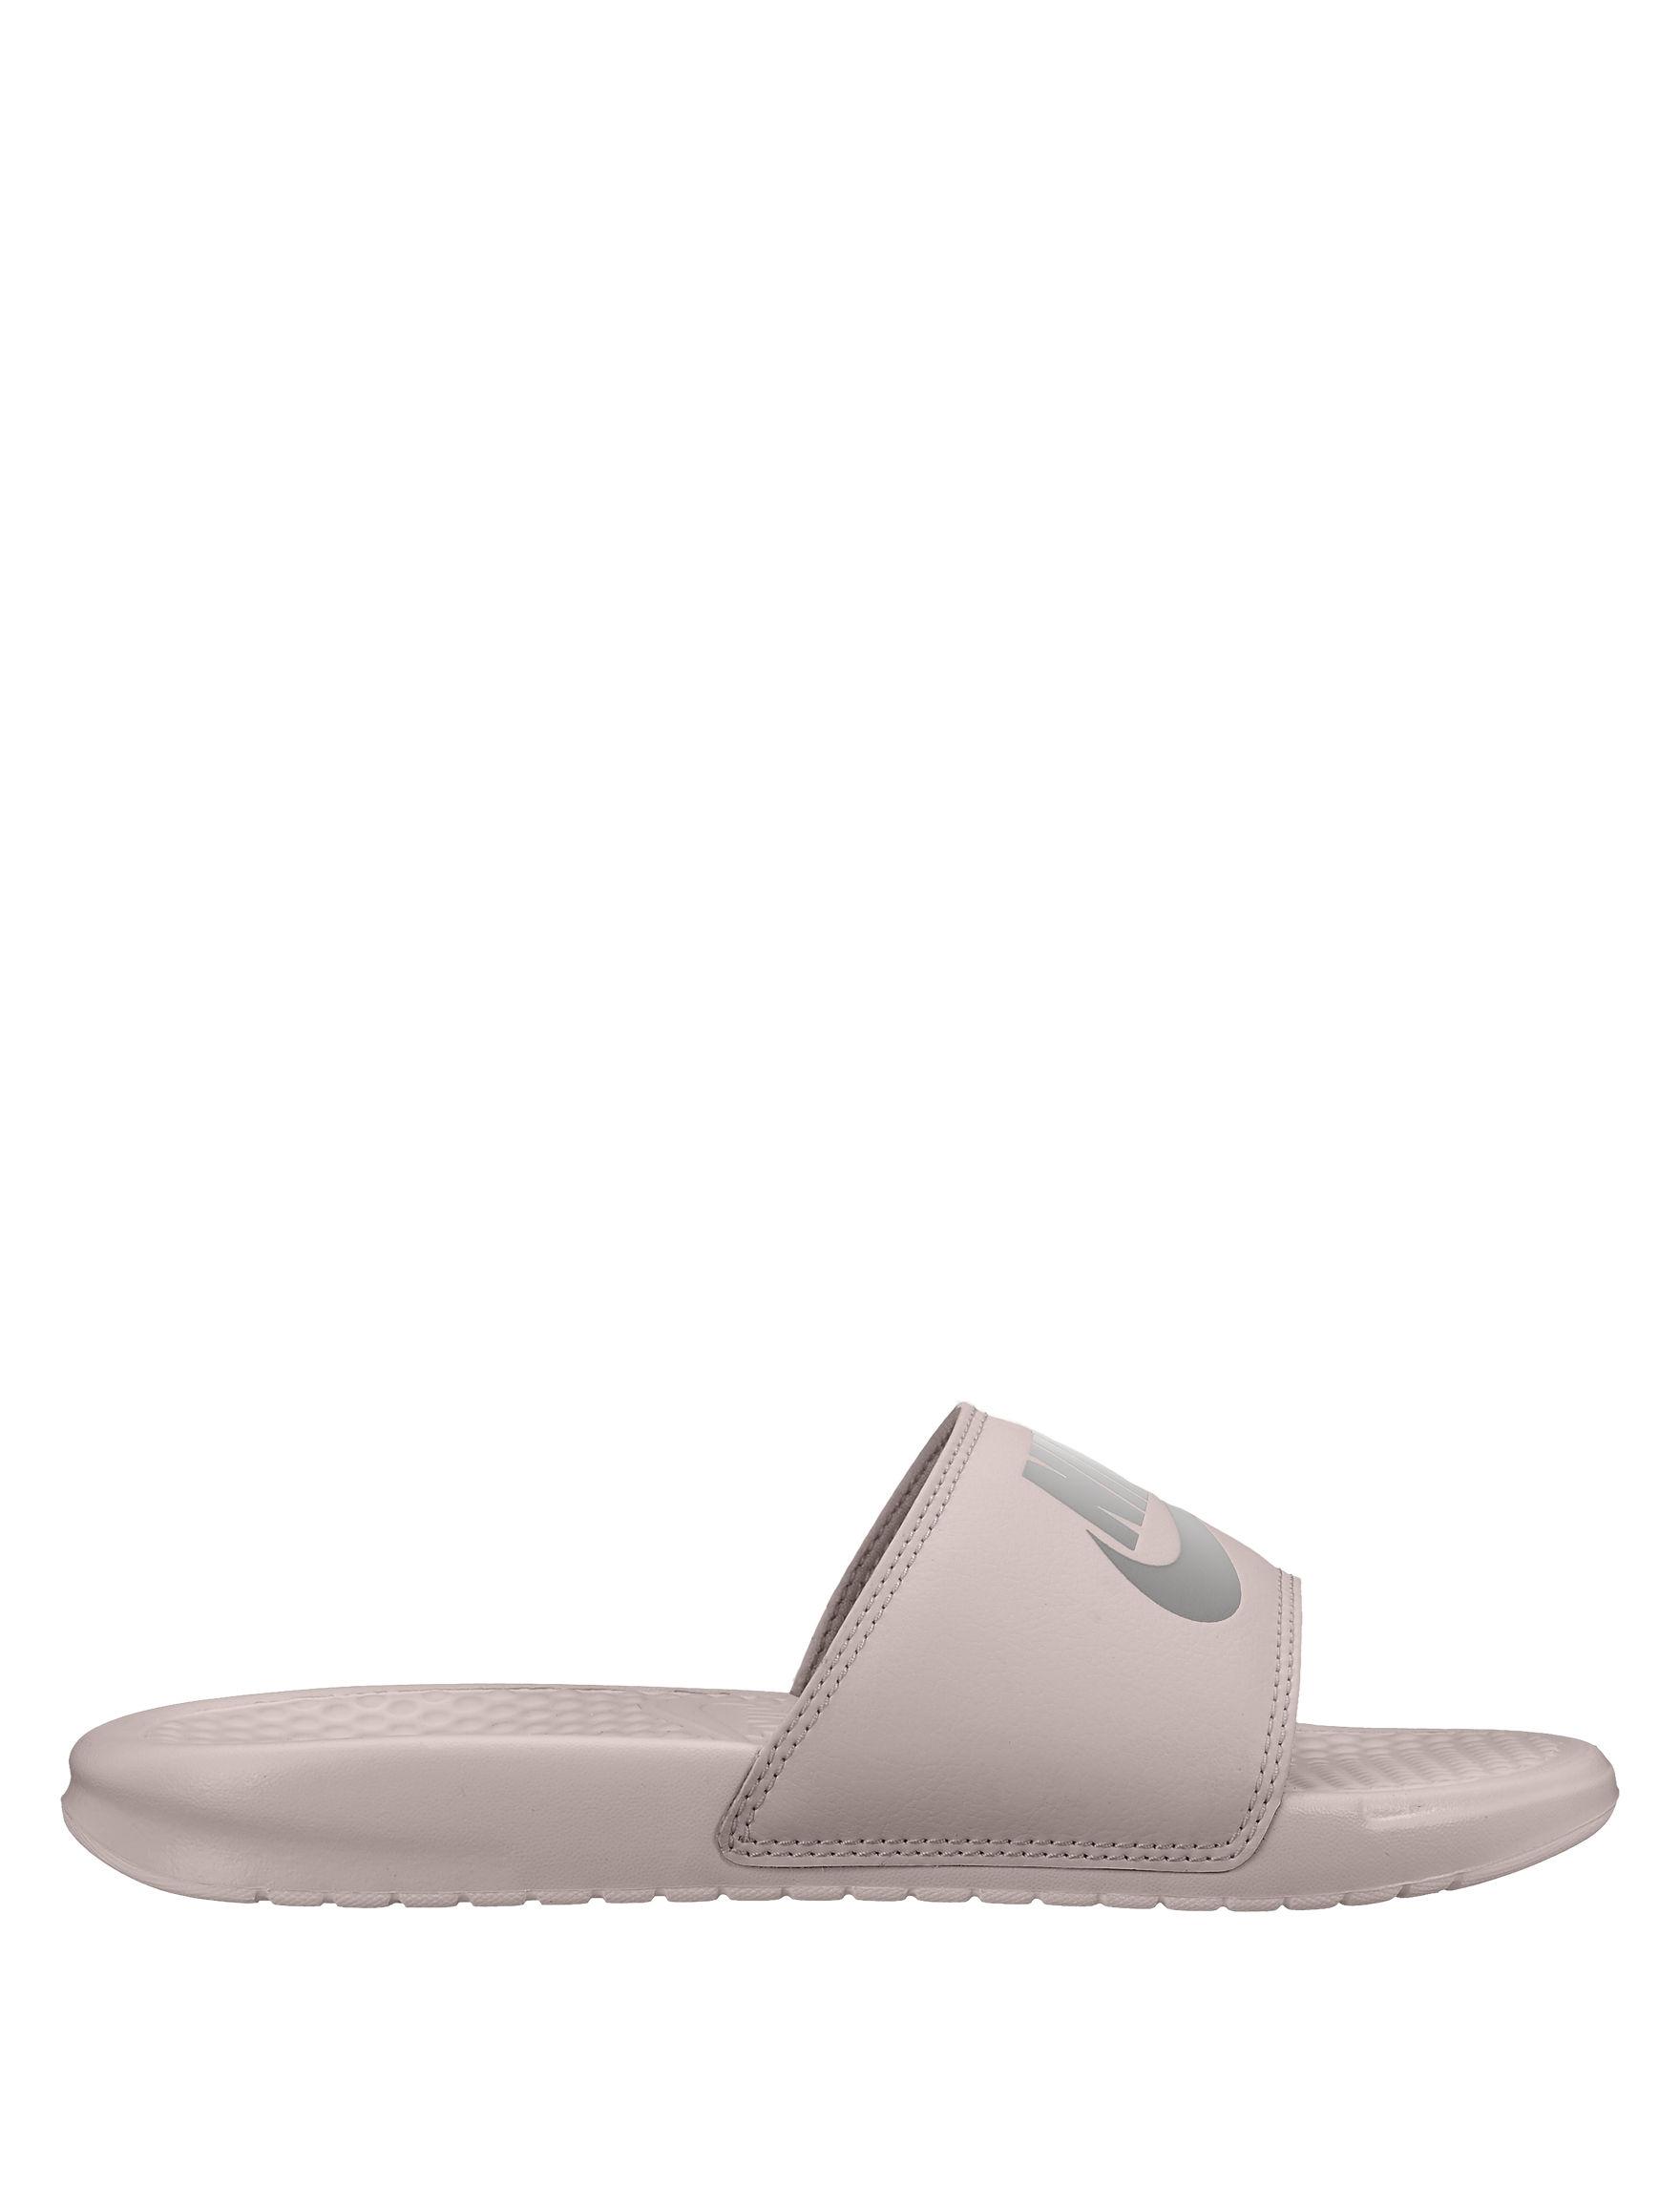 Nike Pink Comfort Shoes Slide Sandals Sport Sandals